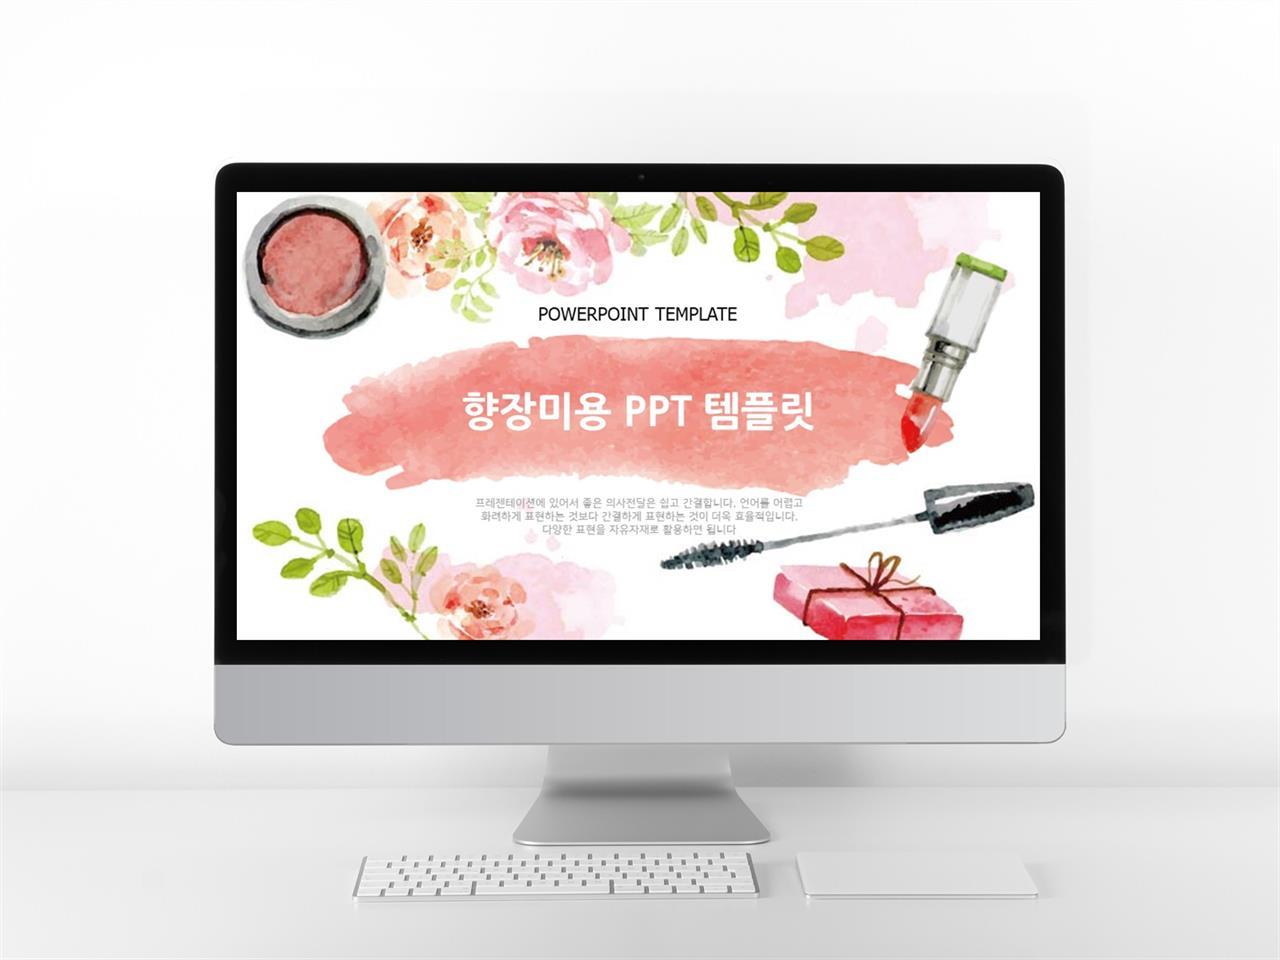 화초주제 분홍색 귀여운 맞춤형 파워포인트서식 다운로드 미리보기